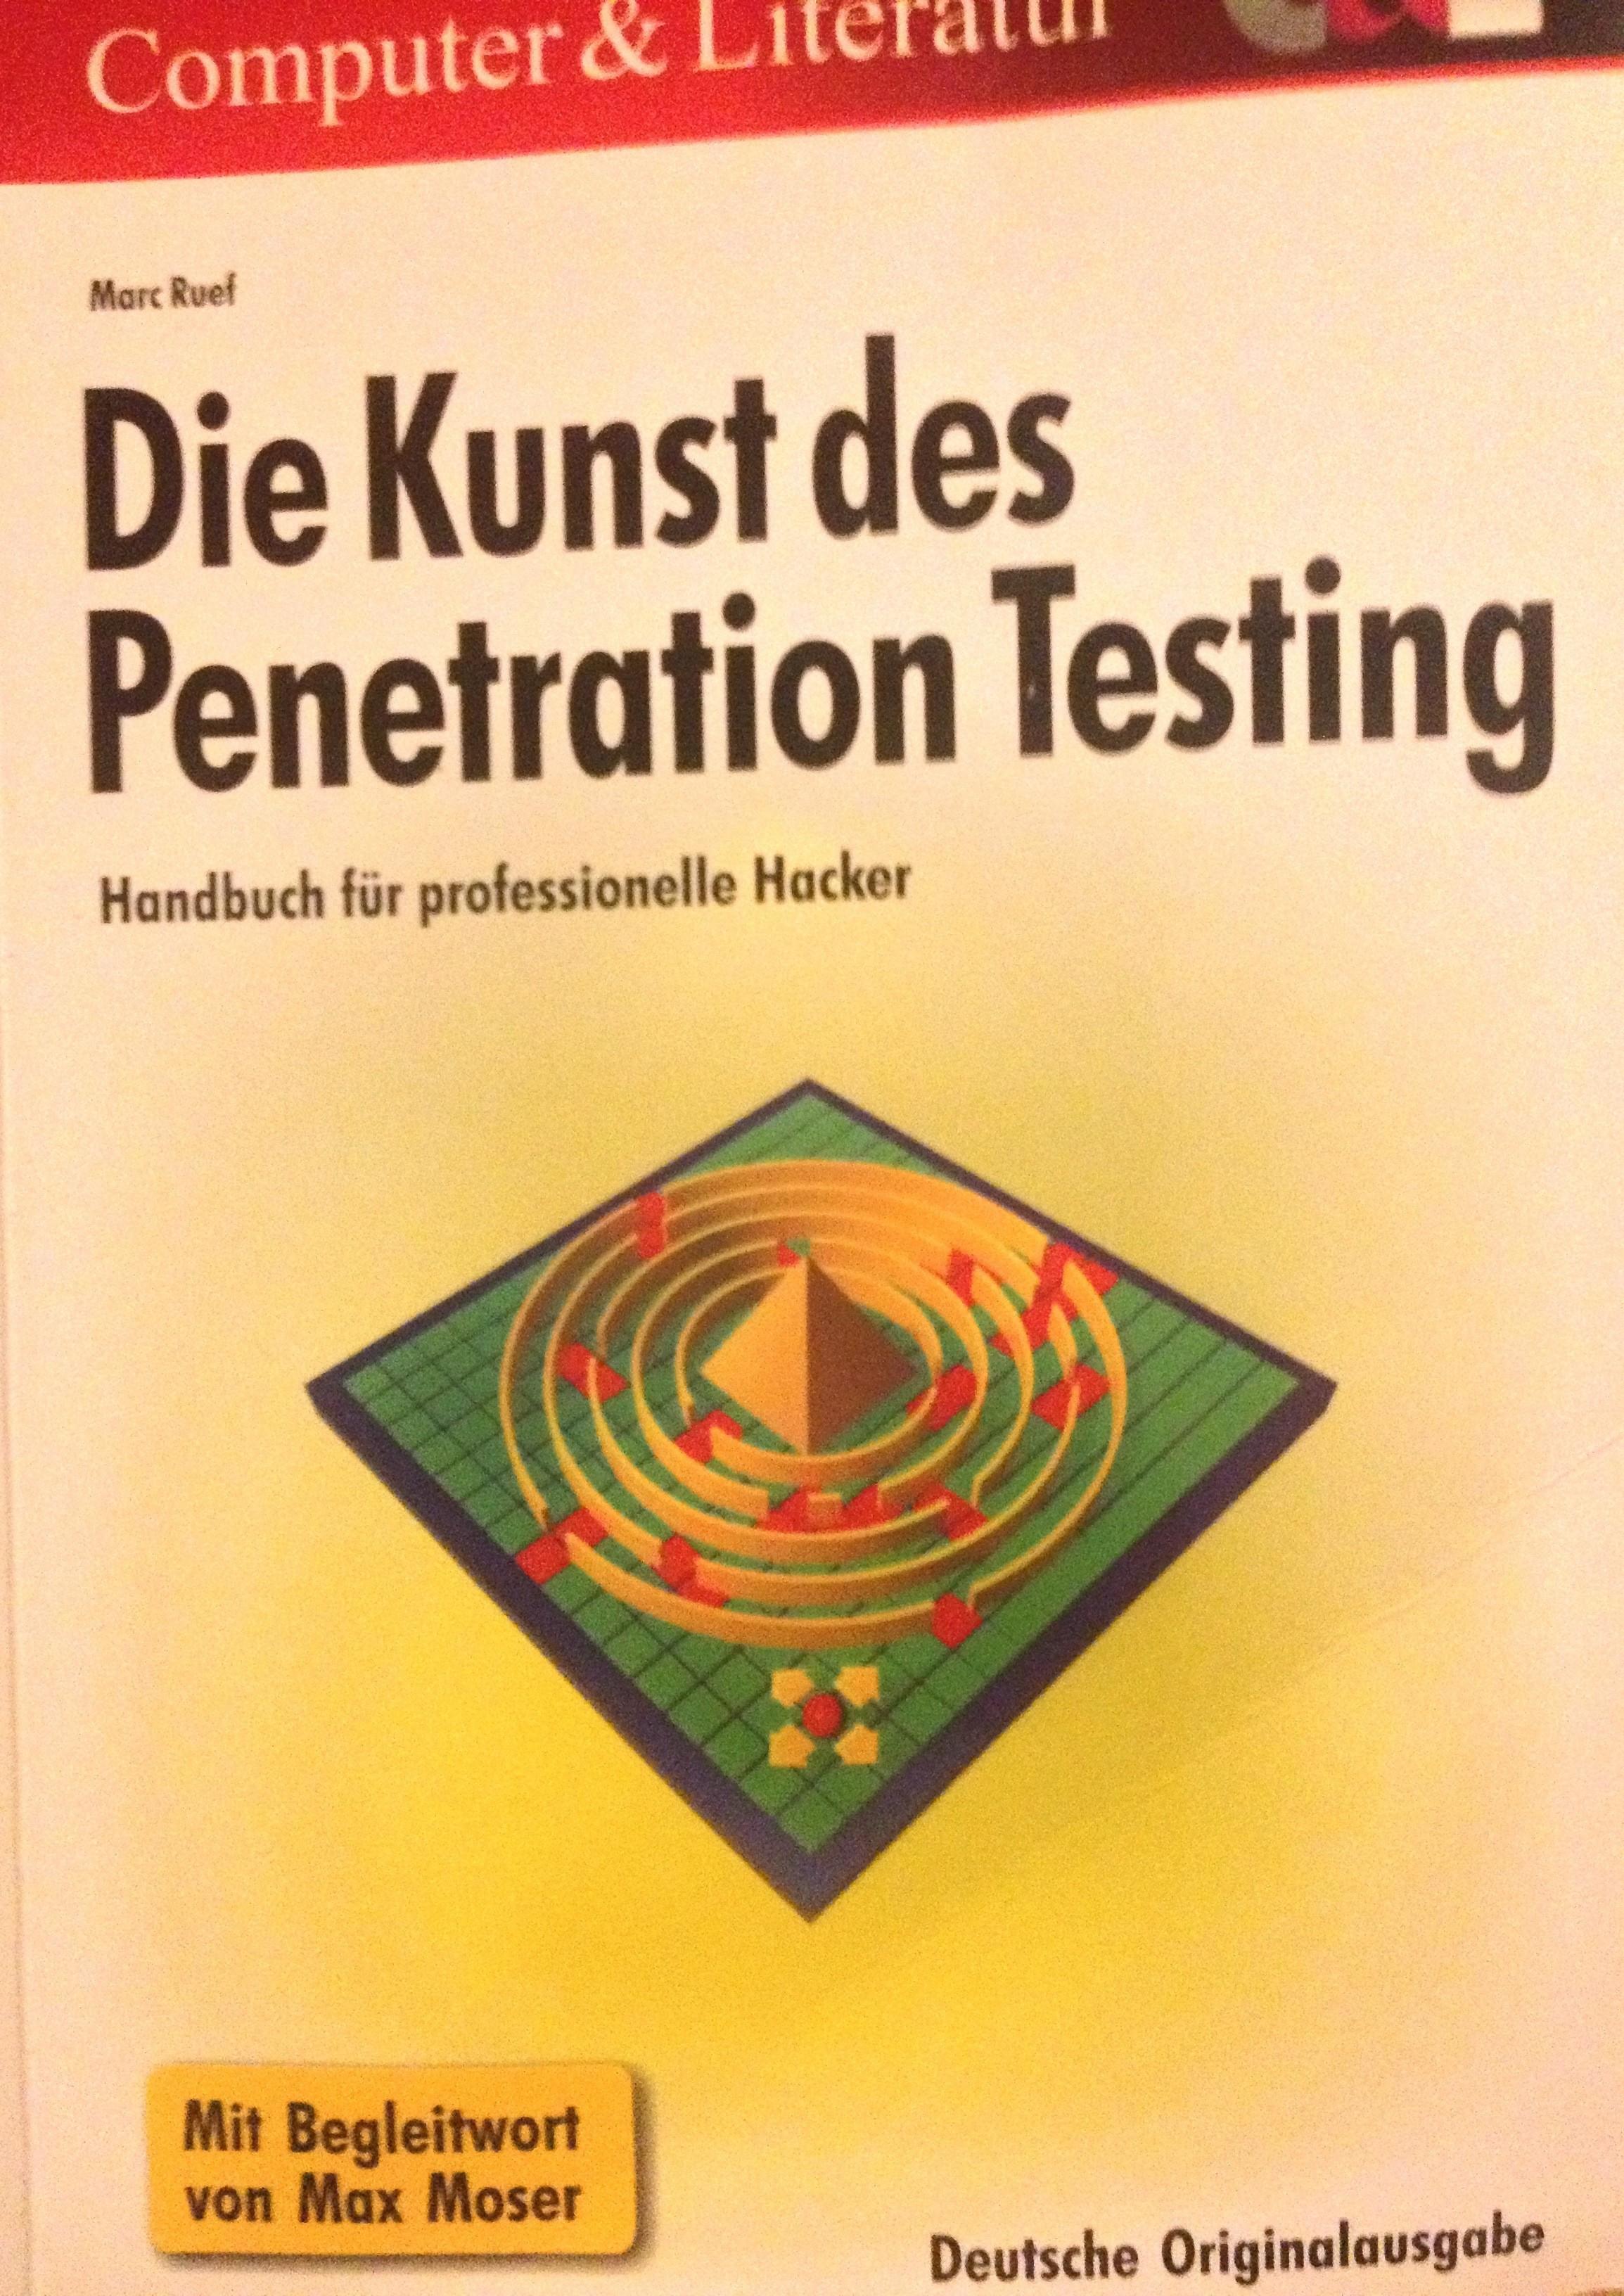 Die kunst des penetration testing